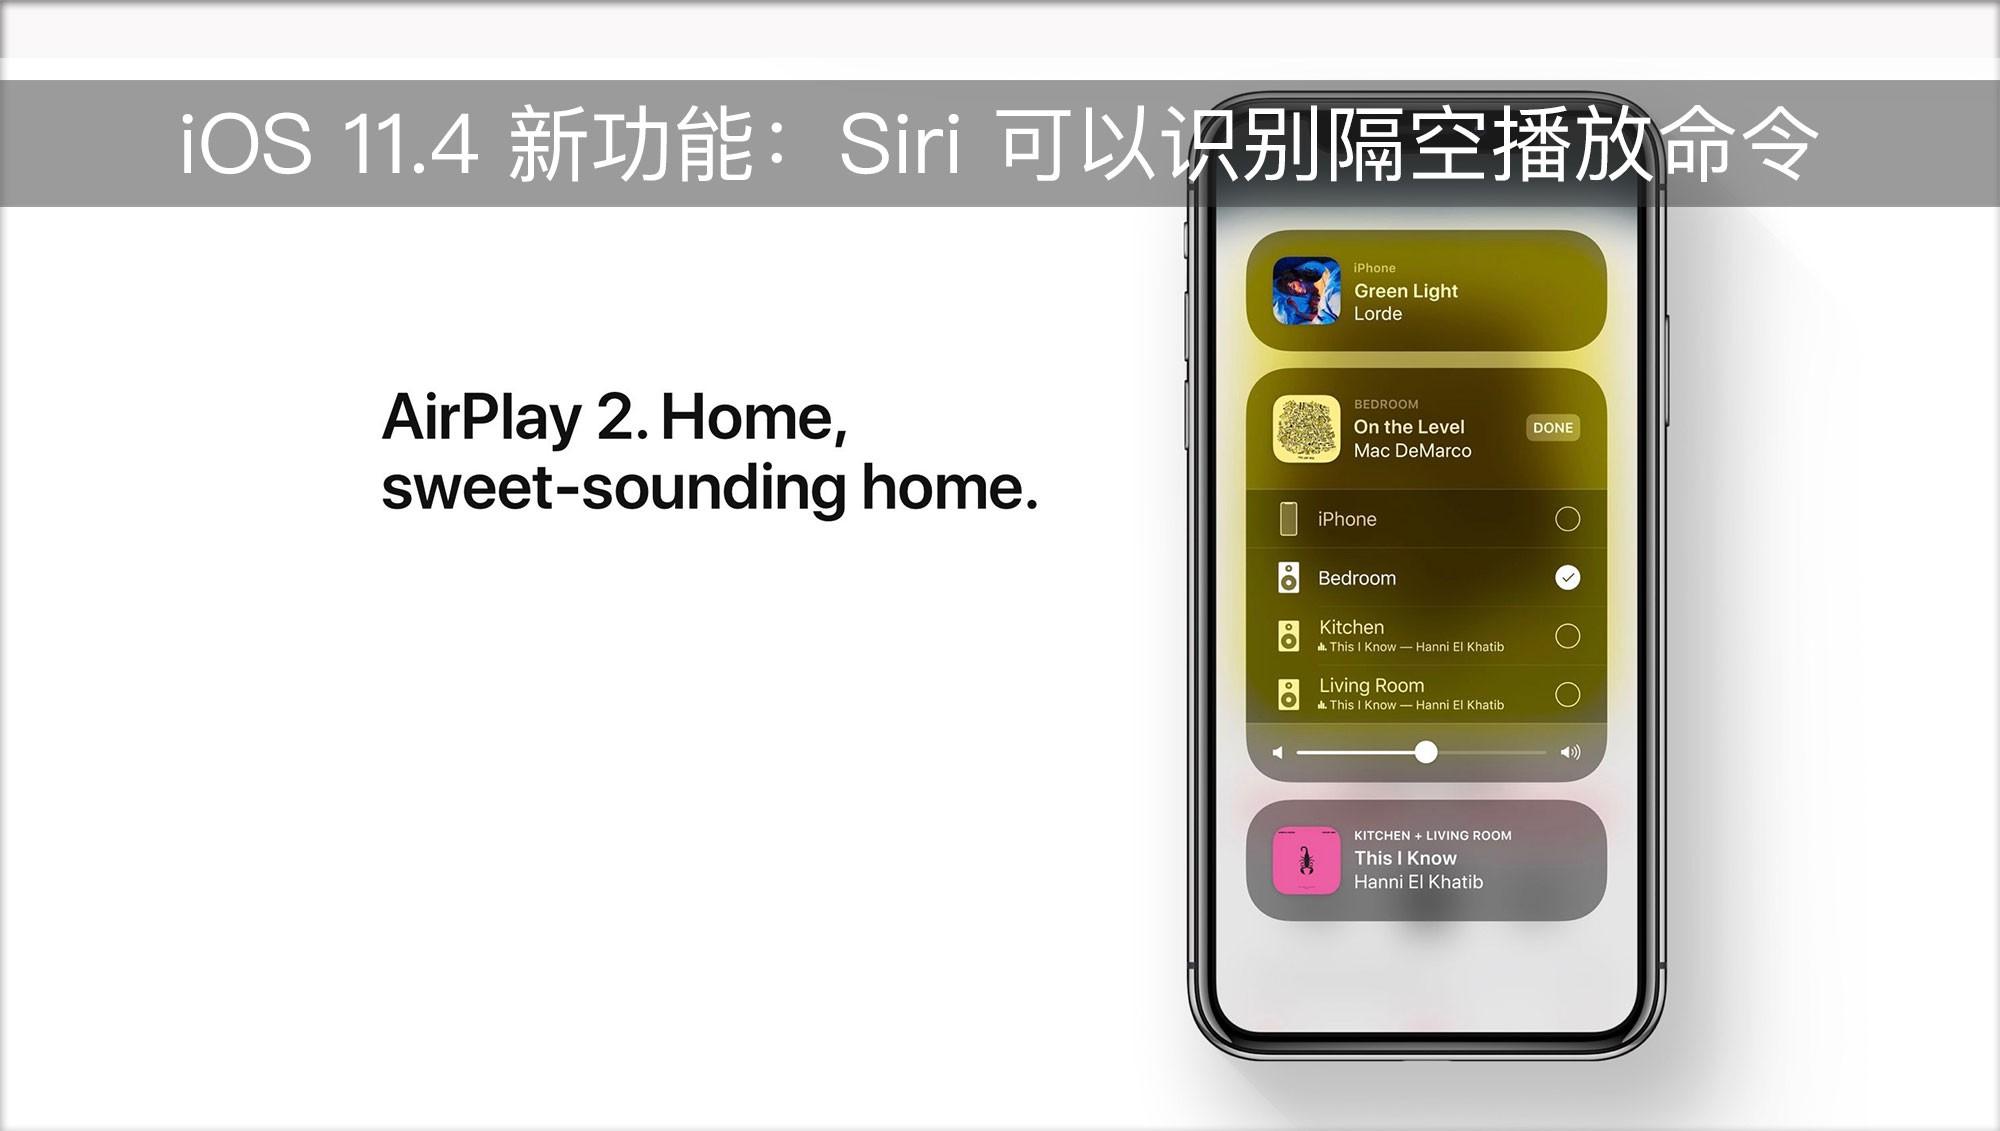 iOS 11.4 新功能:Siri 可以识别隔空播放命令